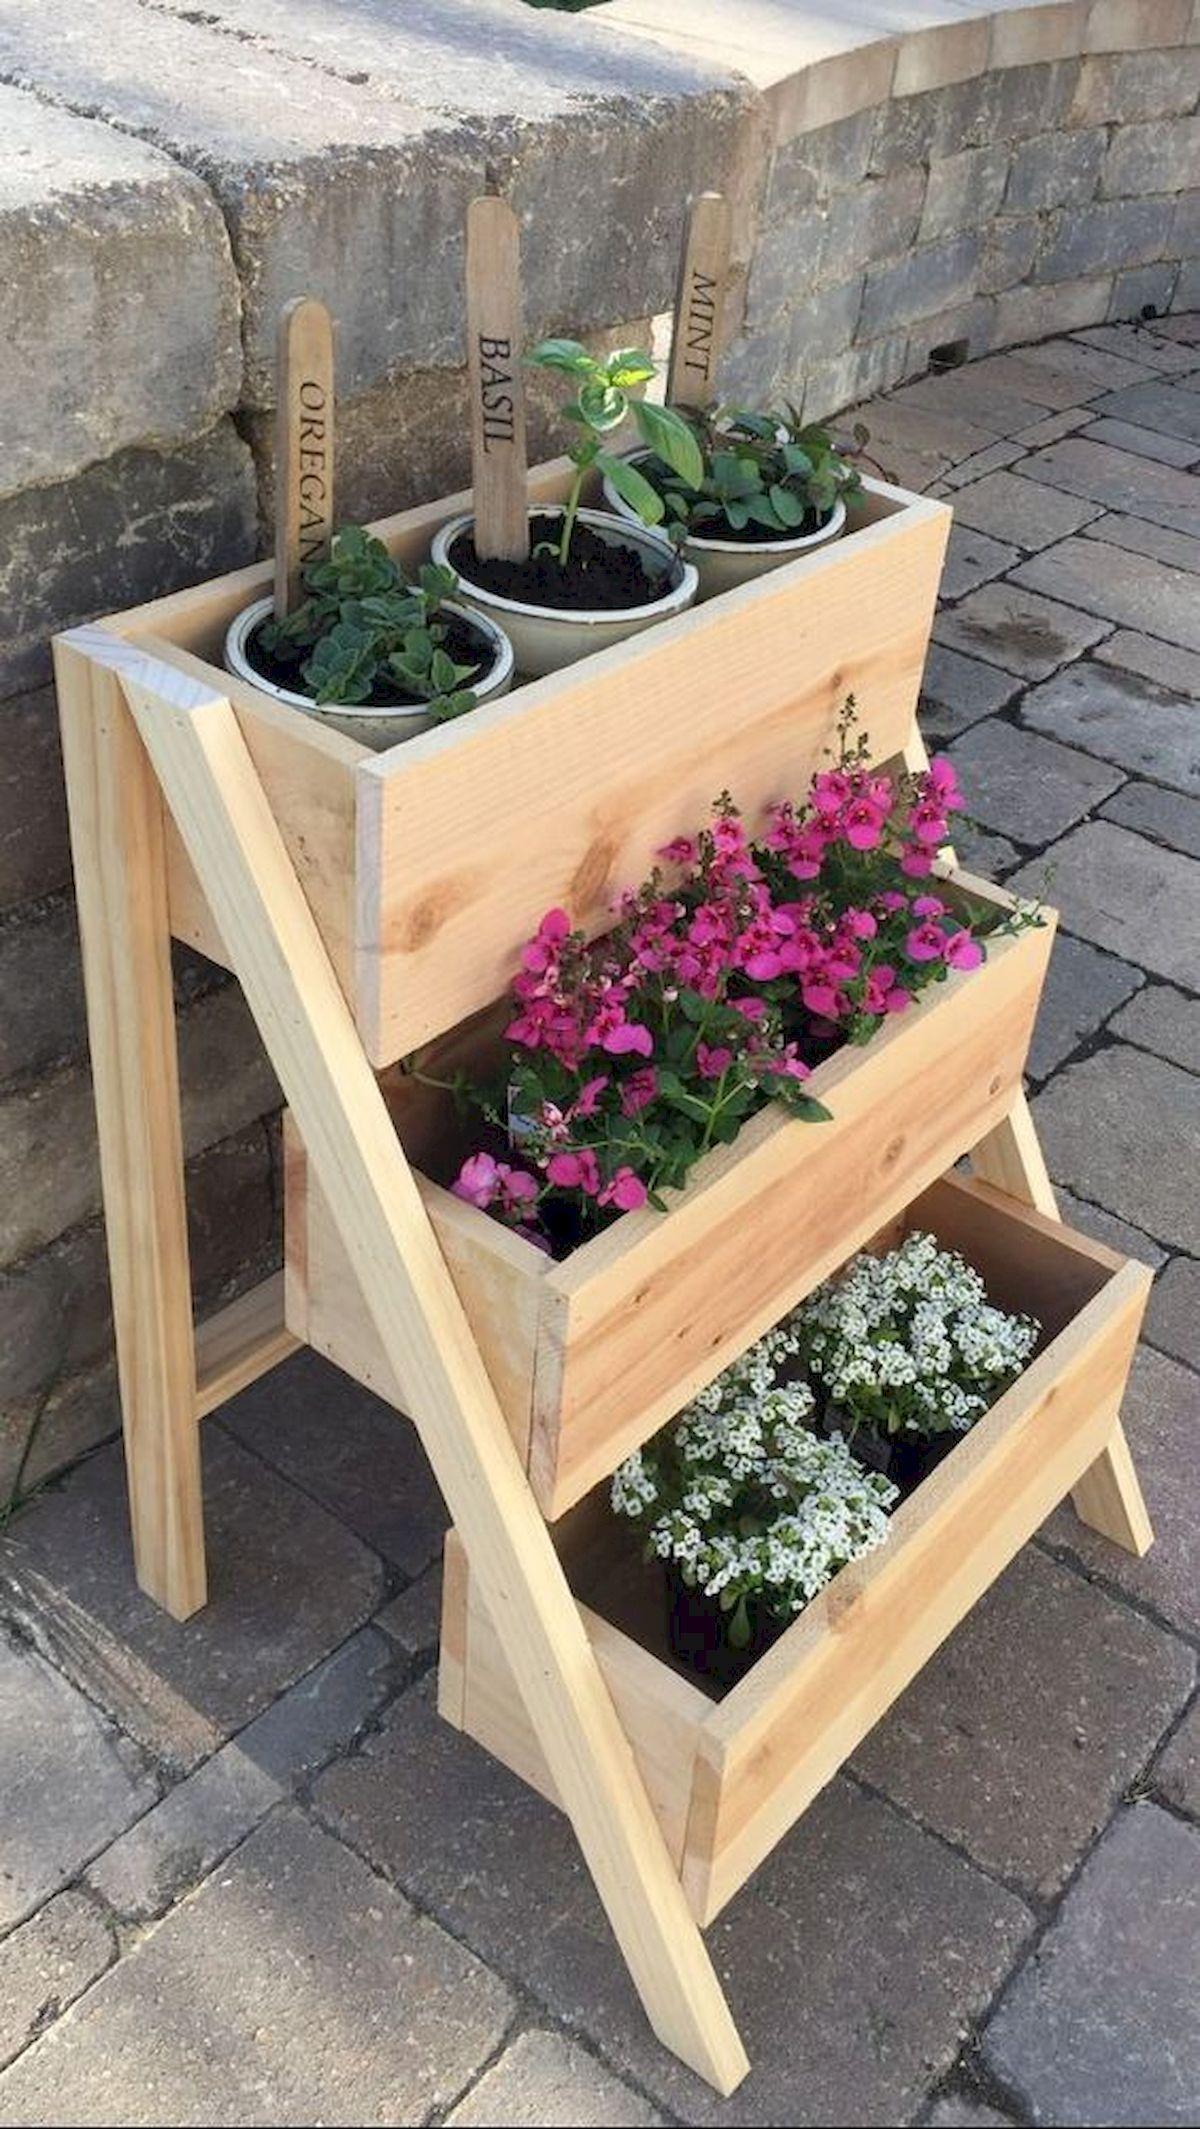 50 Inspiring Diy Projects Pallet Garden Design Ideas Pallets